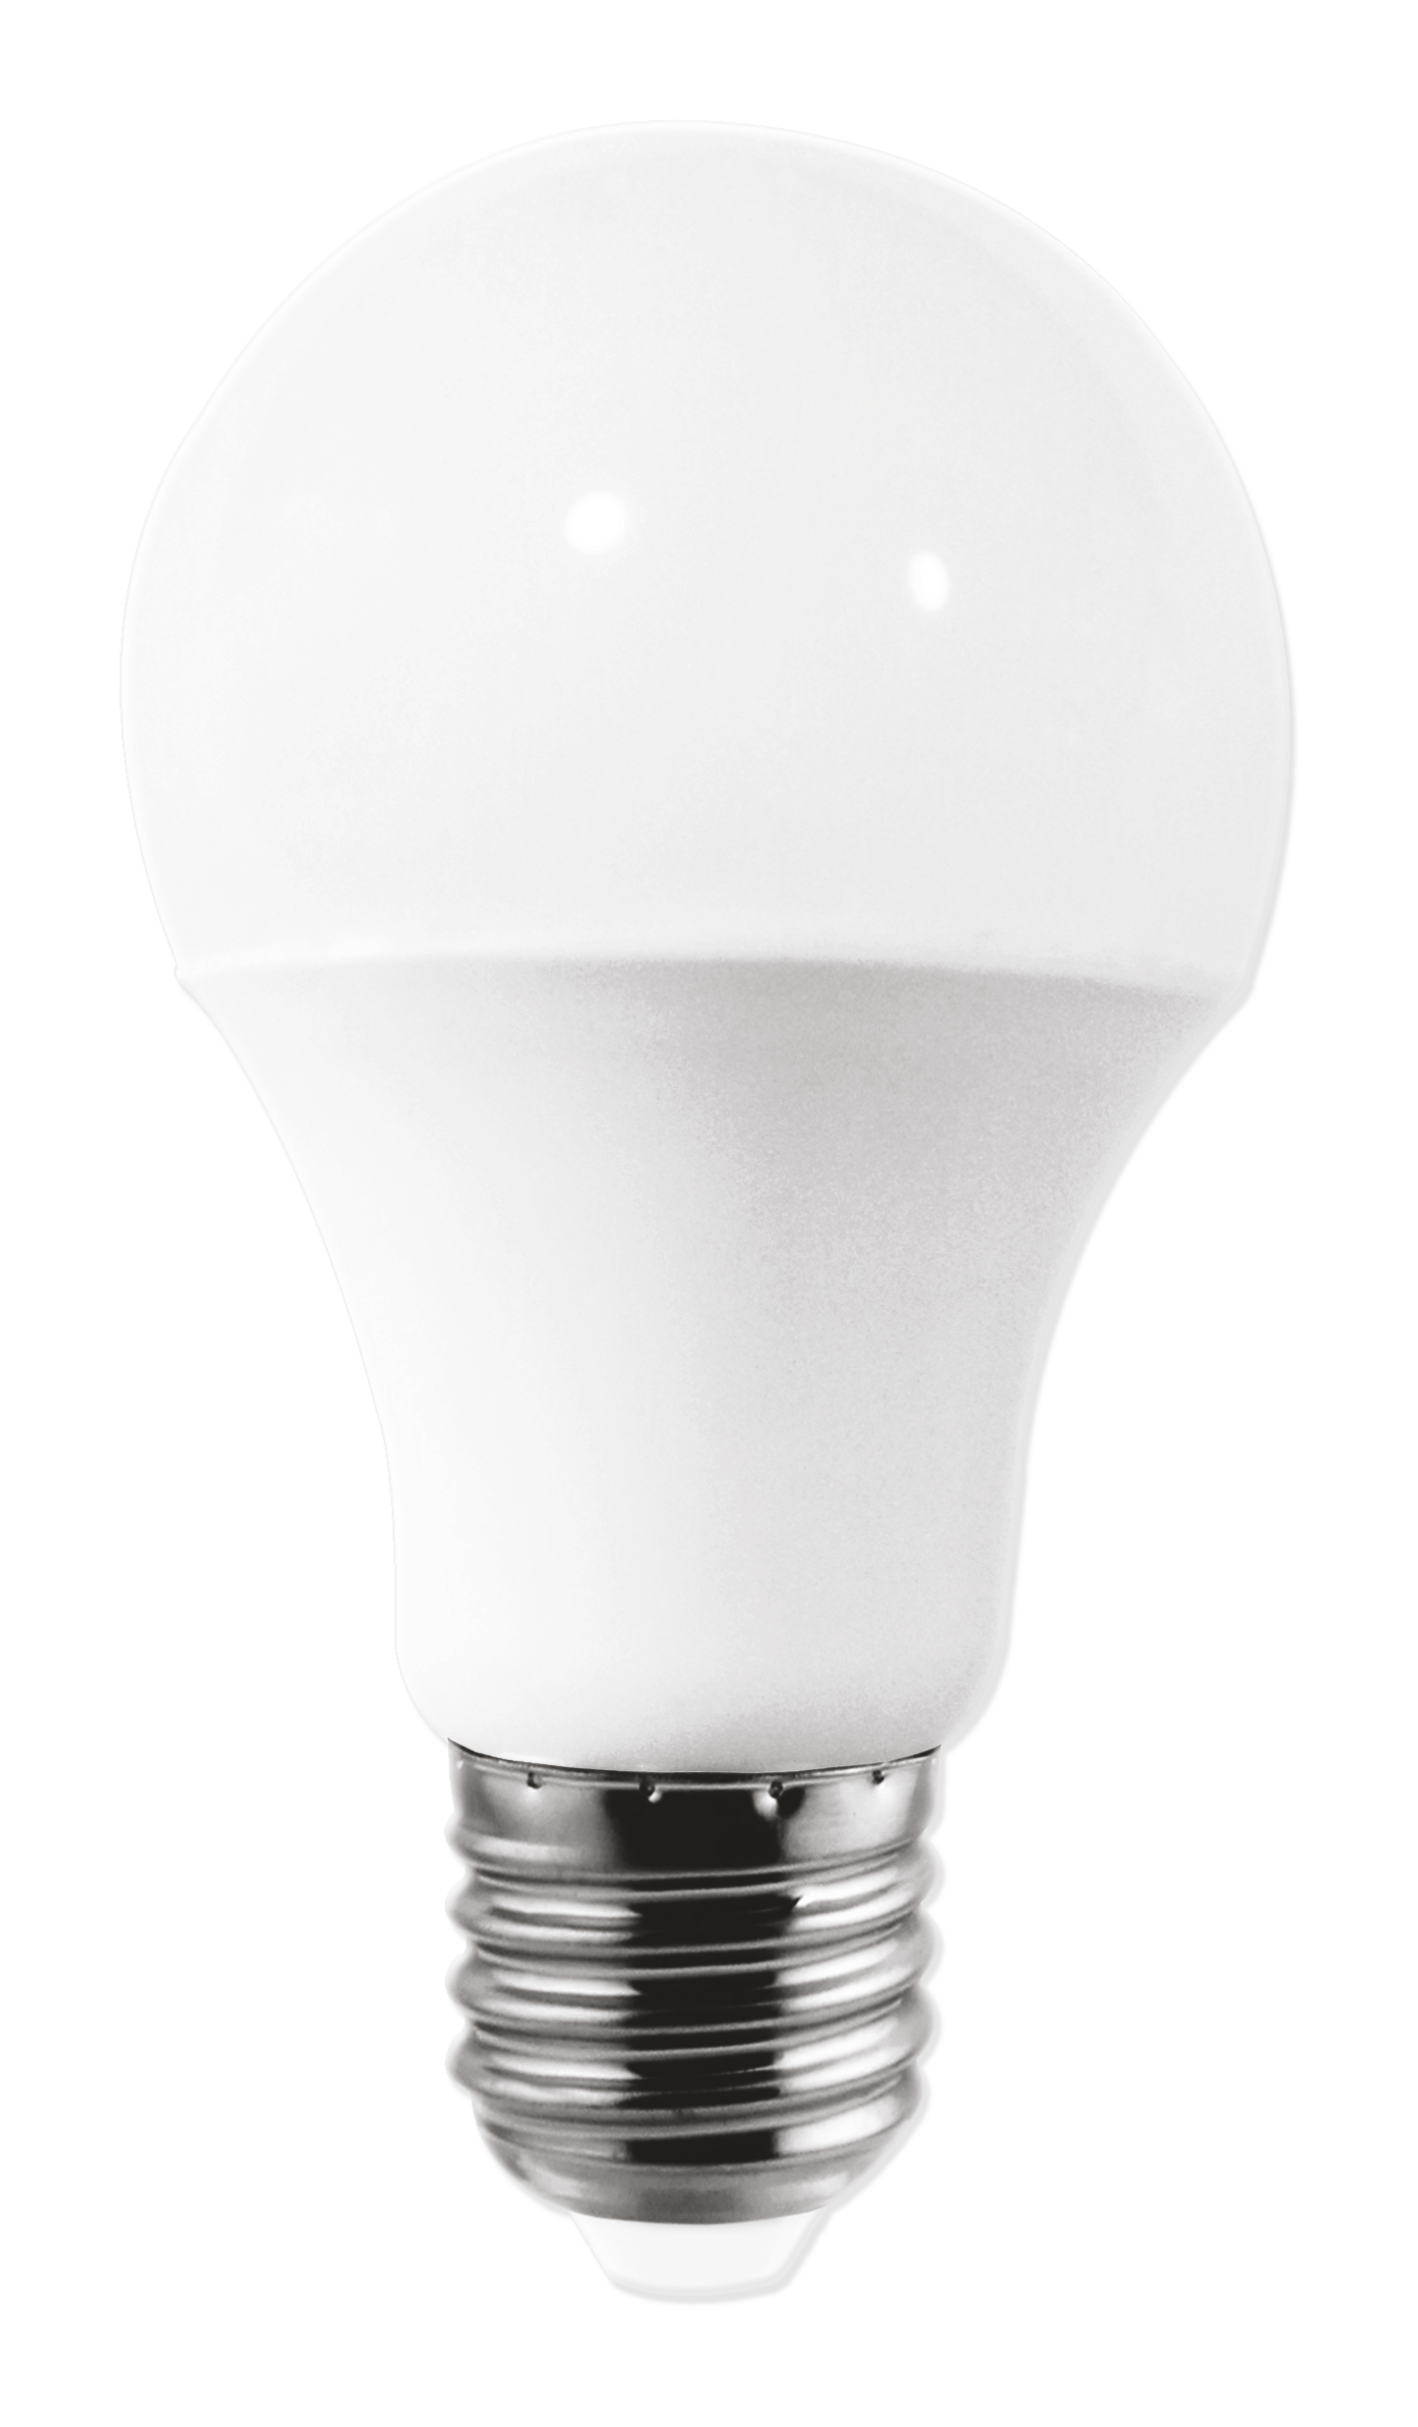 LED žárovka TB Energy E27, 230V, 12W, Teplá bílá